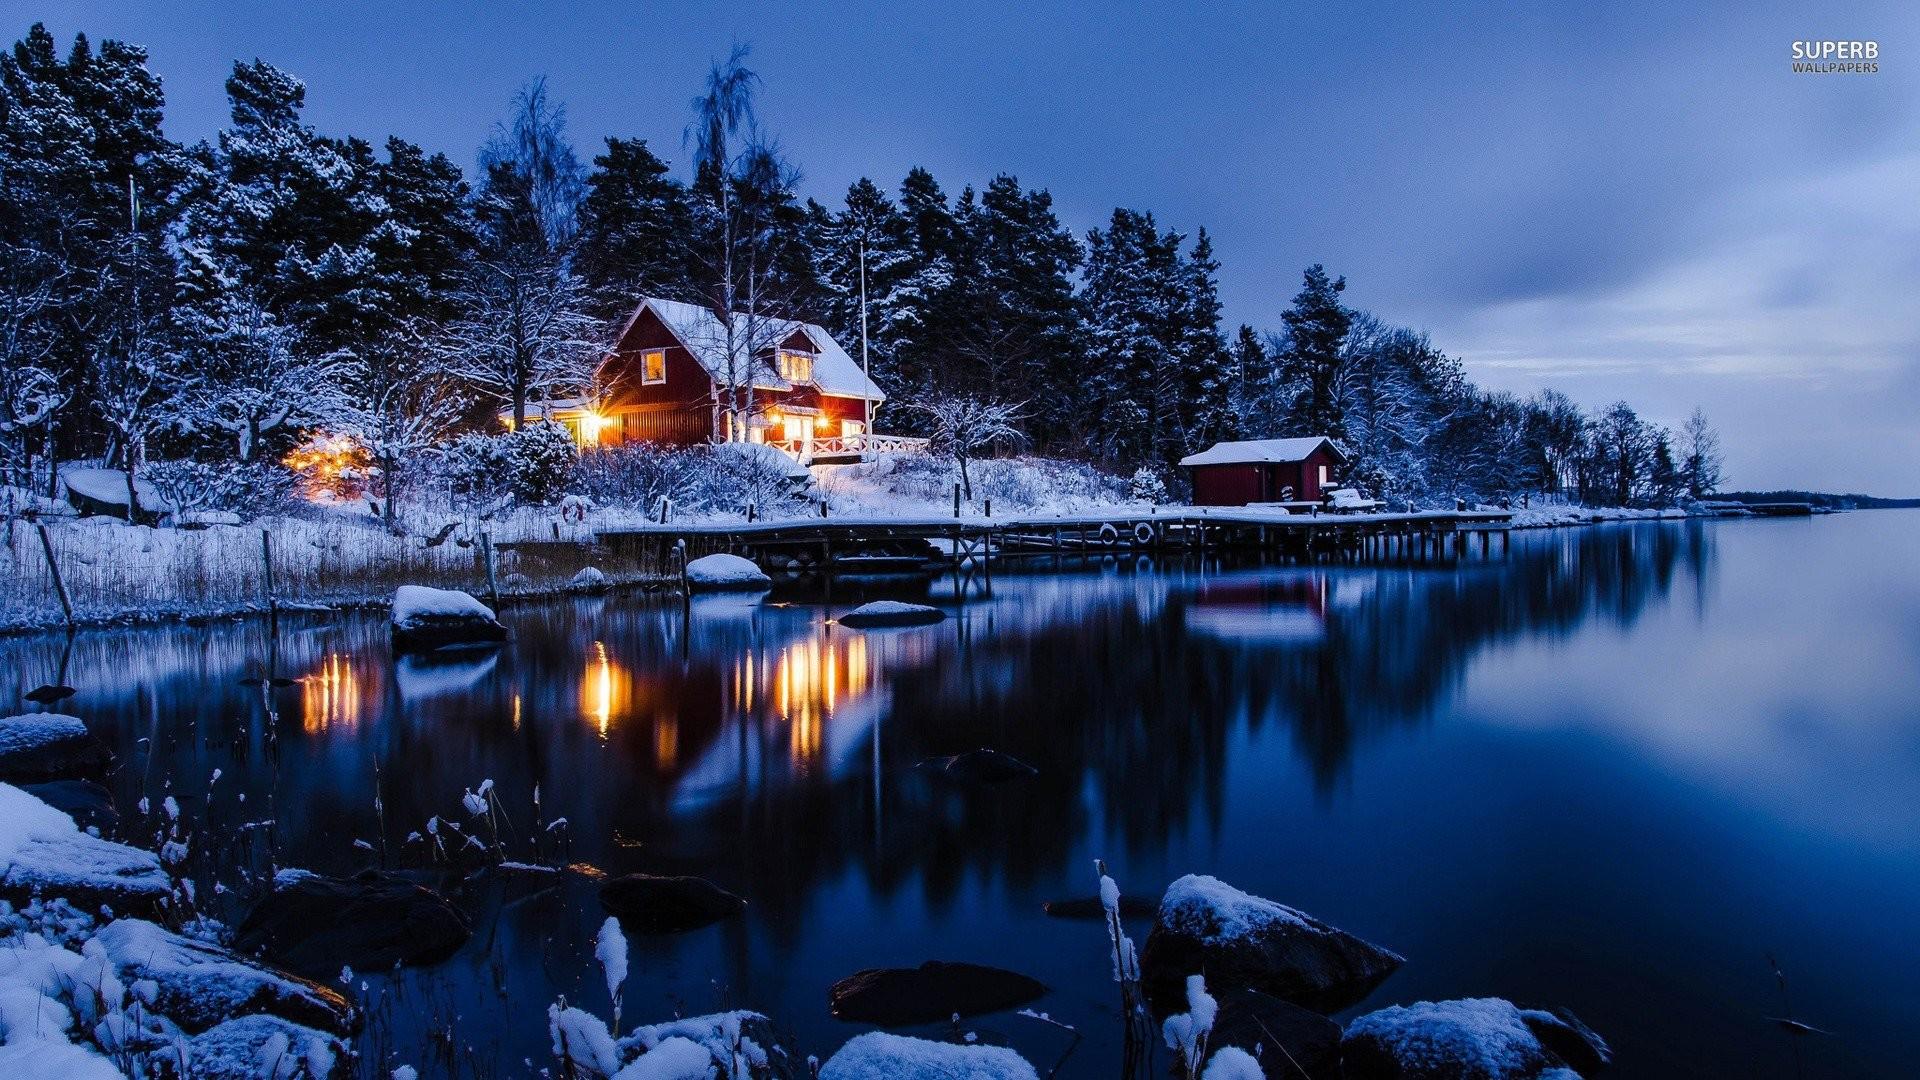 lake-winter-snow-cabin-house.jpg (1920×1080)   Fantasy   Pinterest   3d  wallpaper and Wallpaper